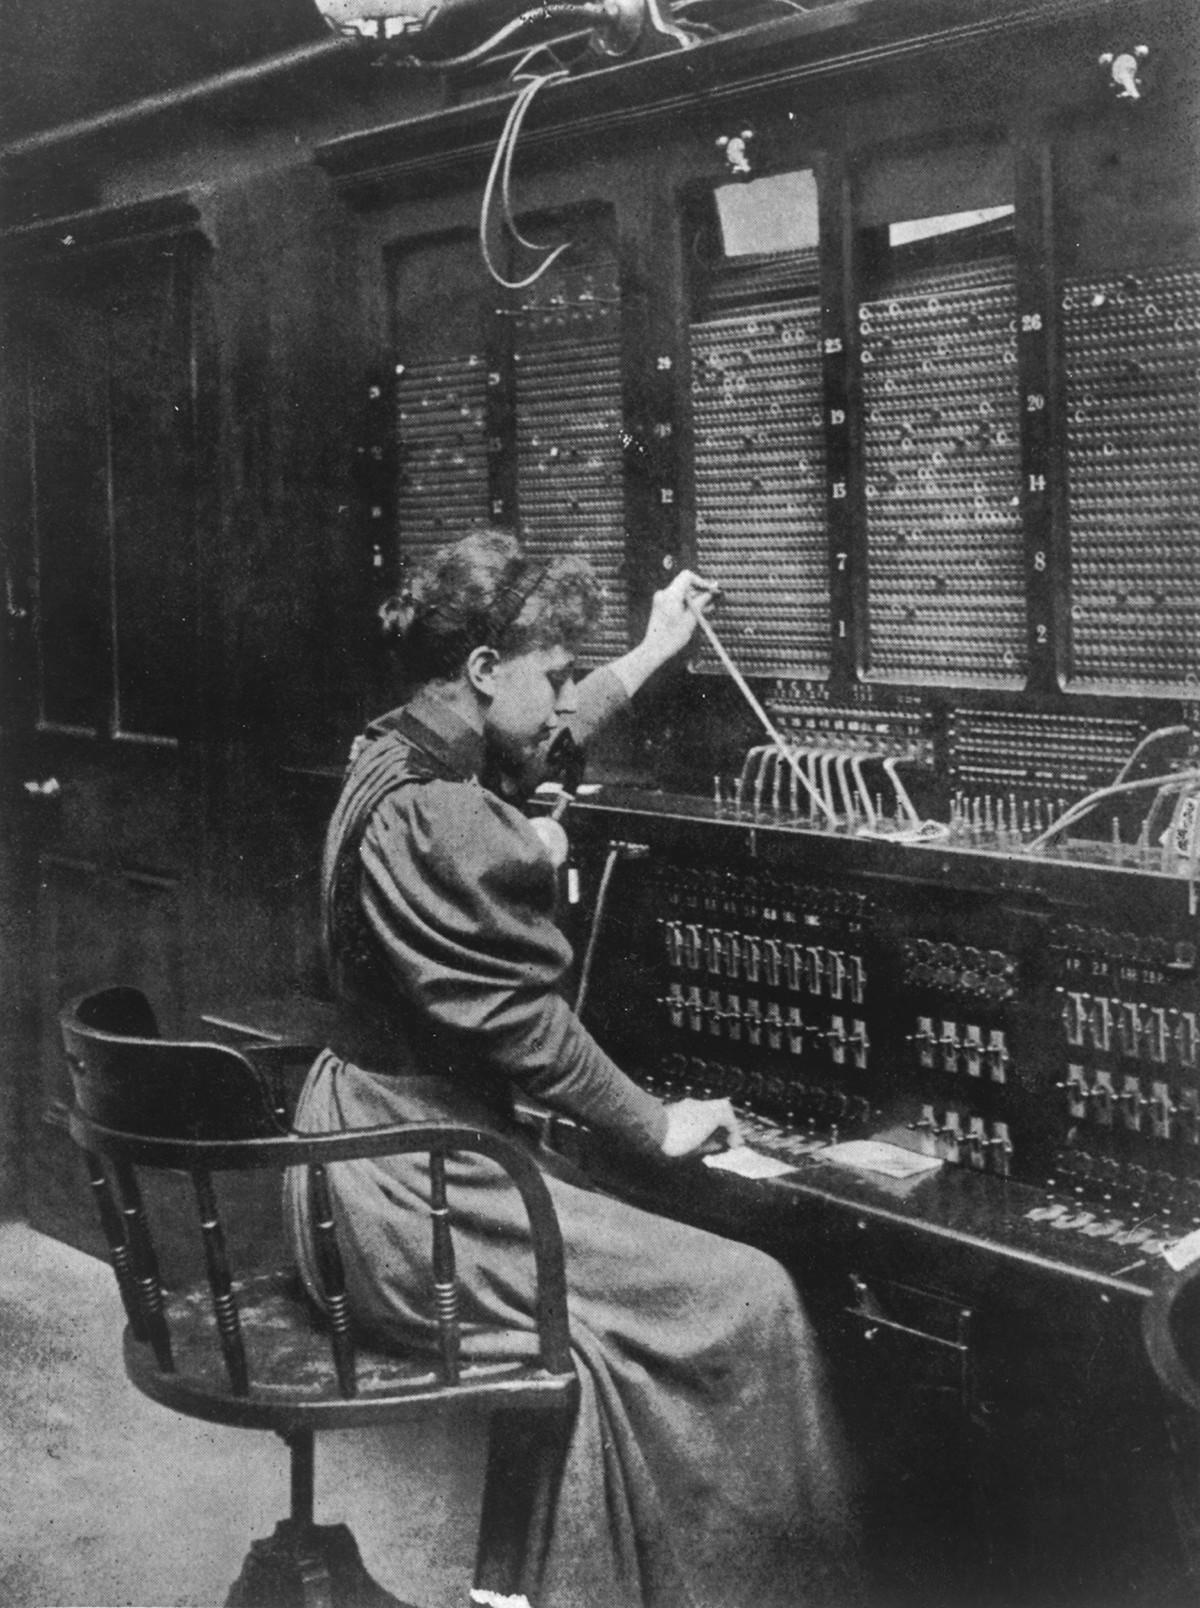 Operatrice telefonica al lavoro